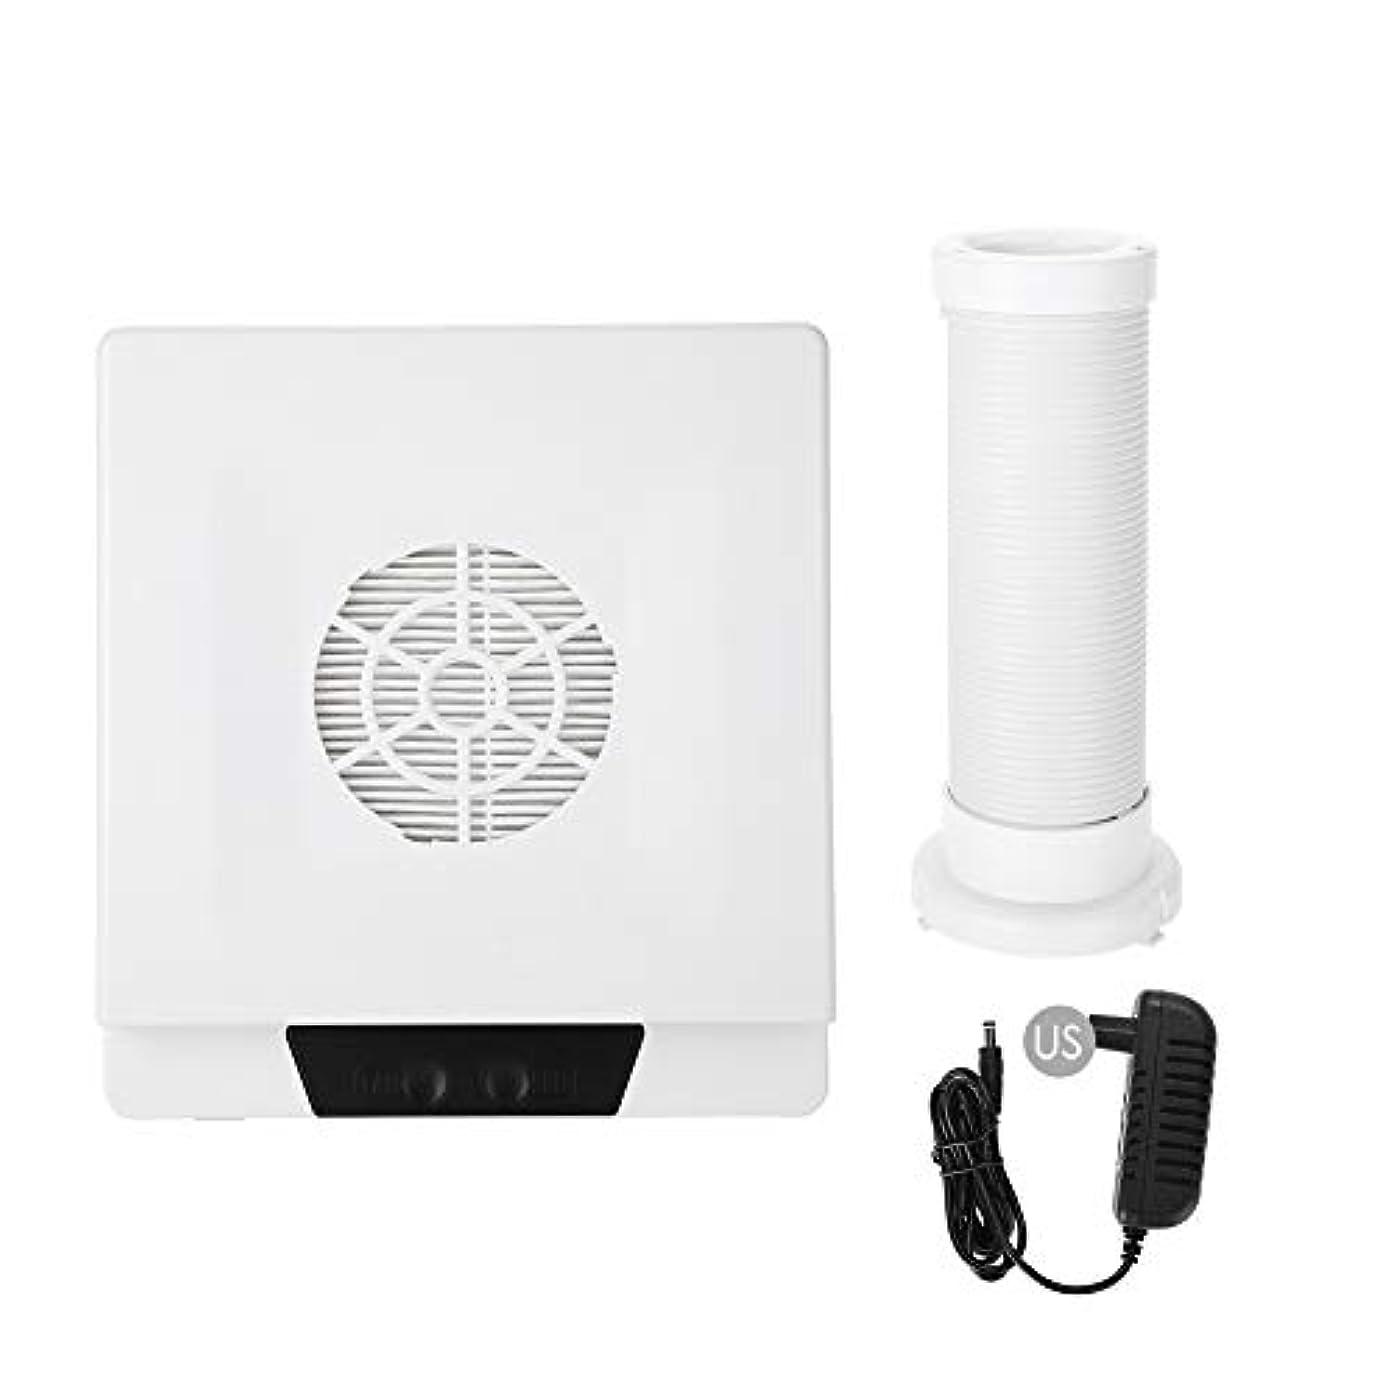 基本的なビュッフェバッフルTOPINCN 60W 強い力 ネイルアートダストサクション ネイルアート集塵機 マニキュア掃除機 ネイルダストクリーナー(02)